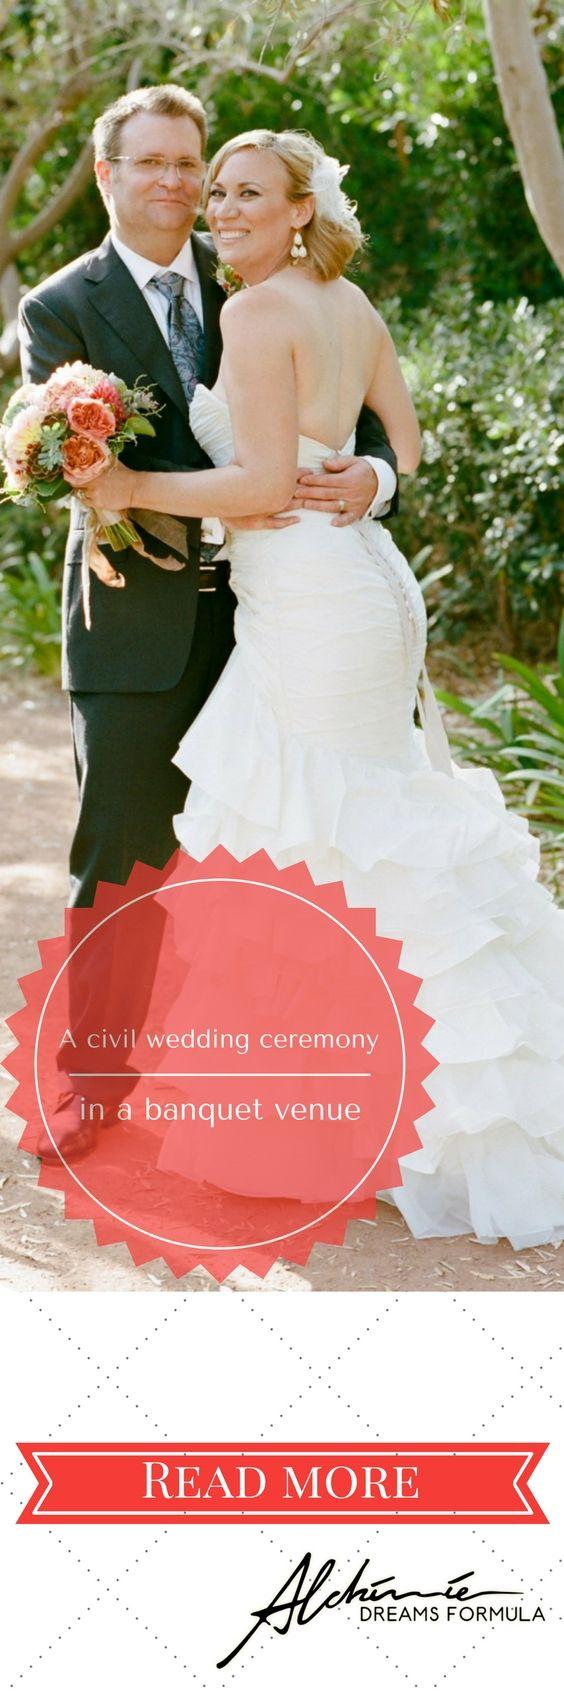 La cerimonia civile nella sala ricevimenti – A civil wedding ceremony in the banquet venue